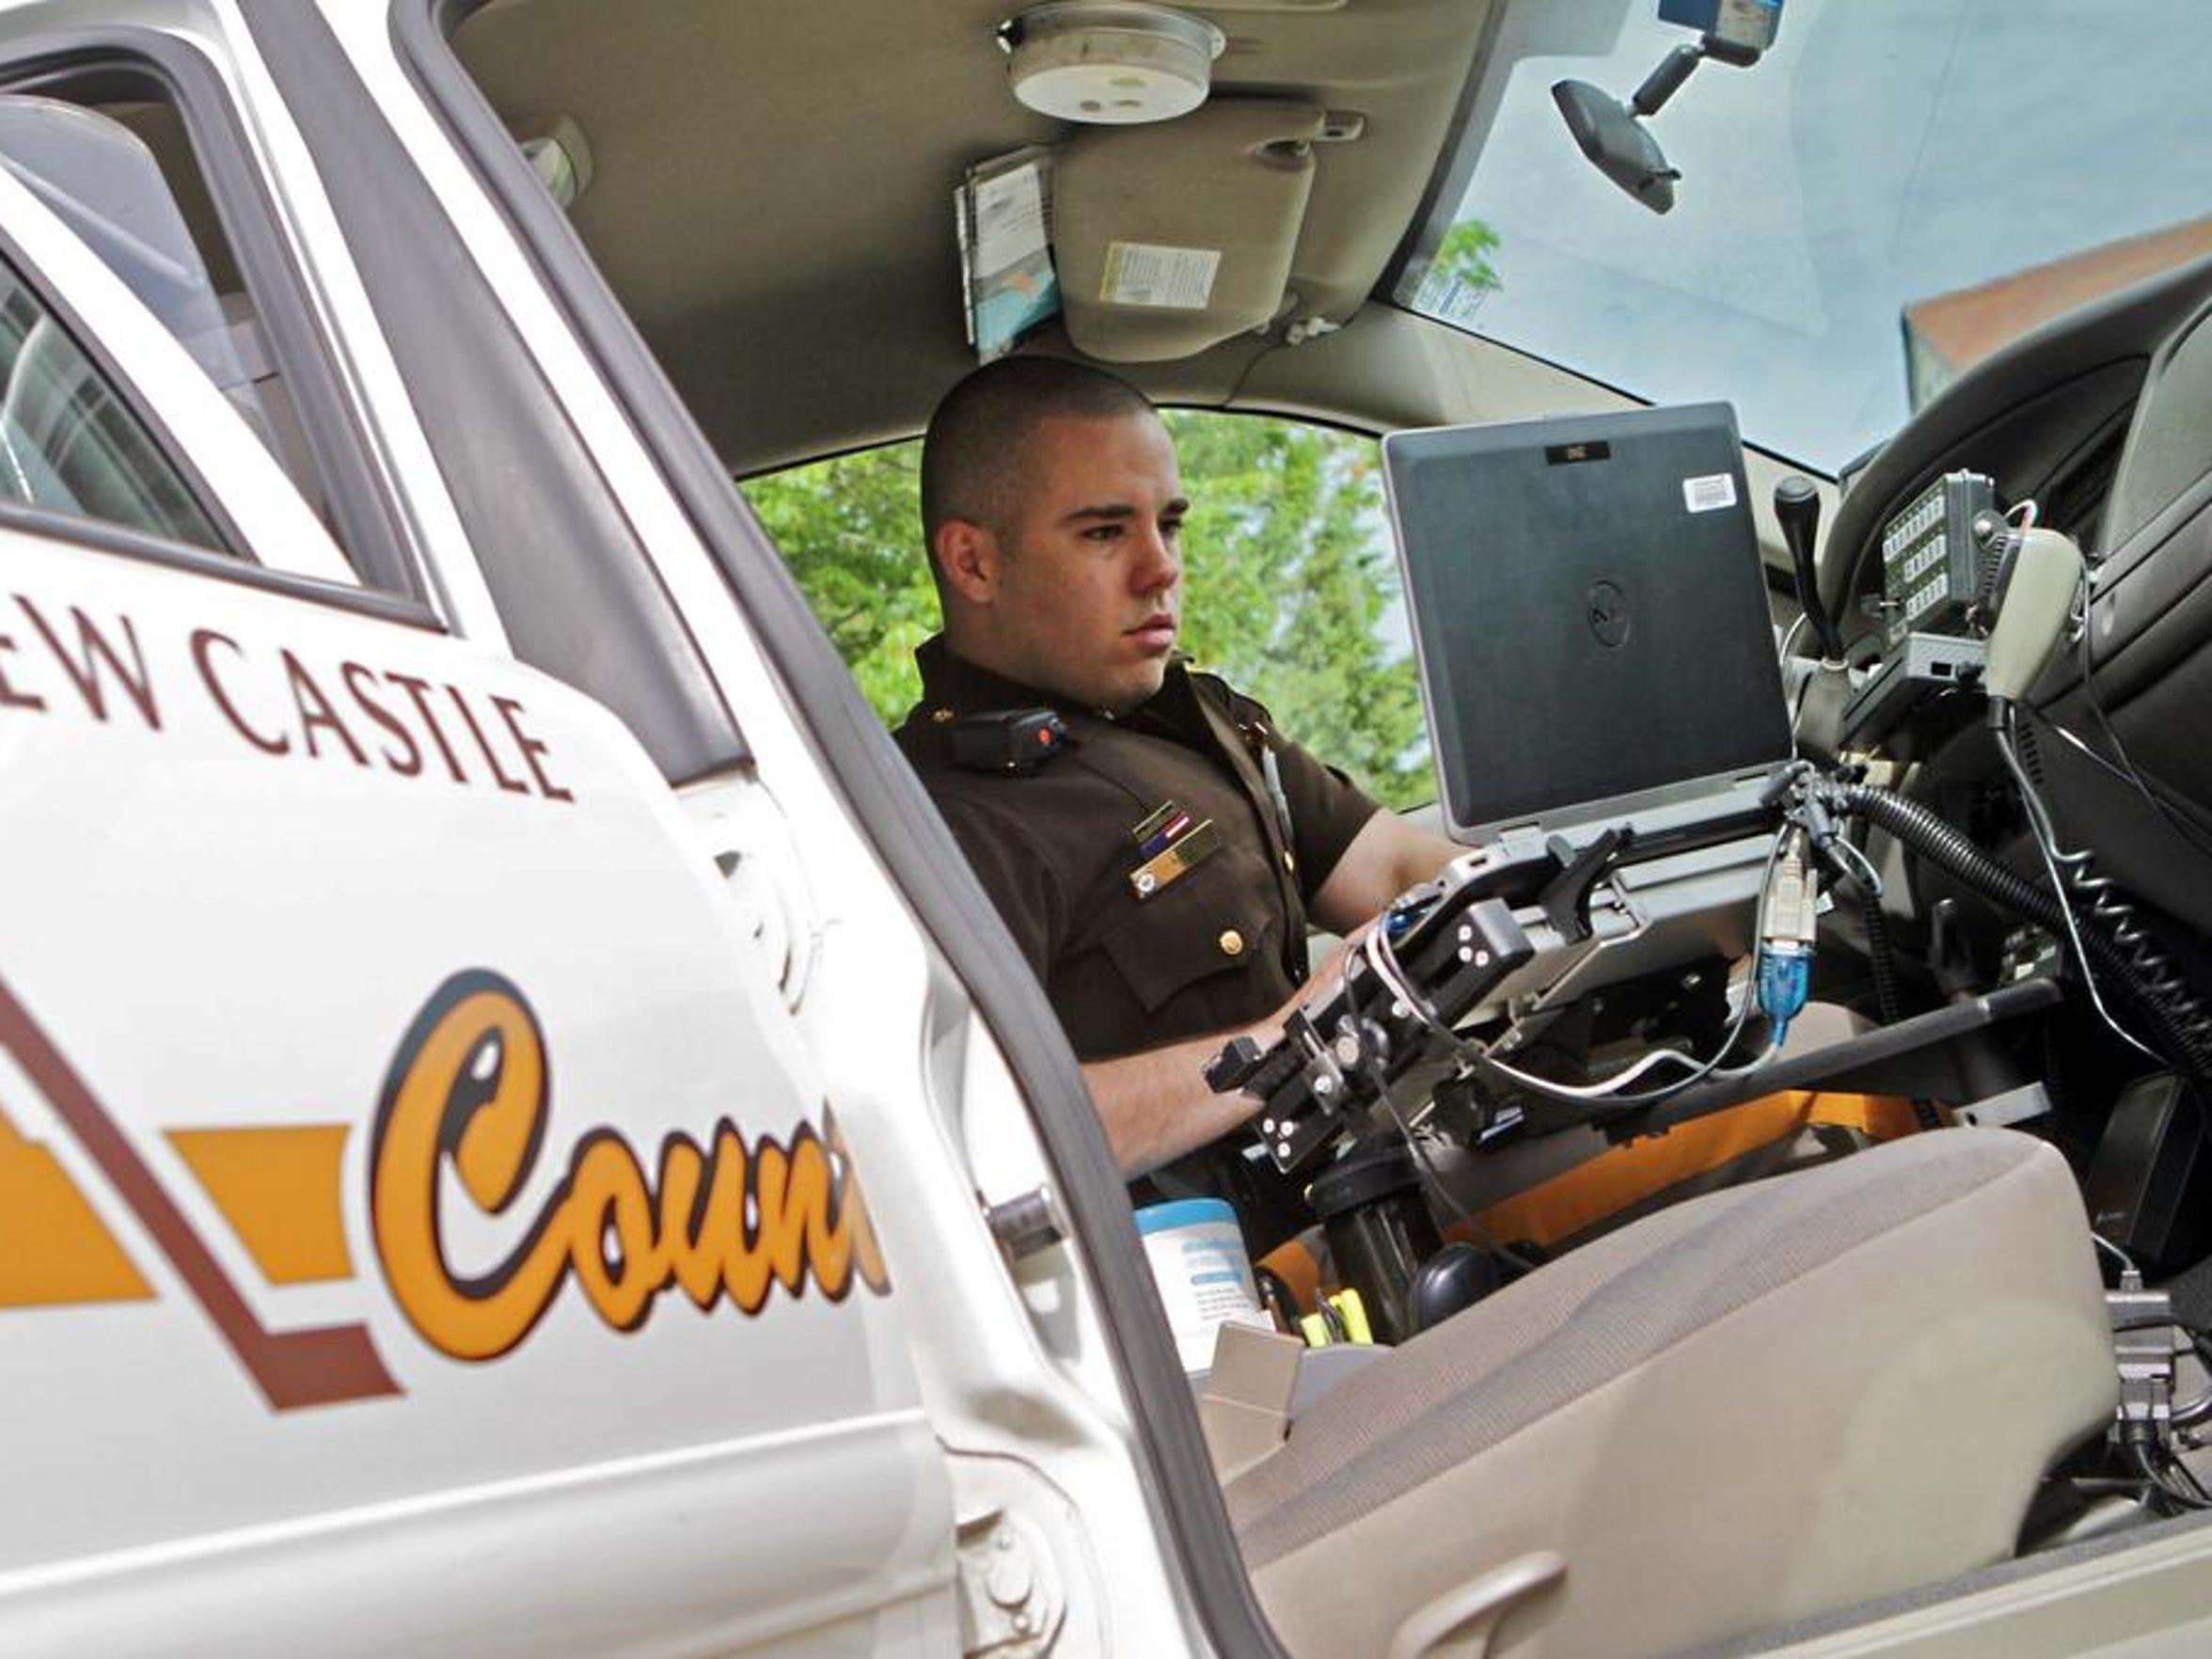 051214 WIL Heroin Police jc032